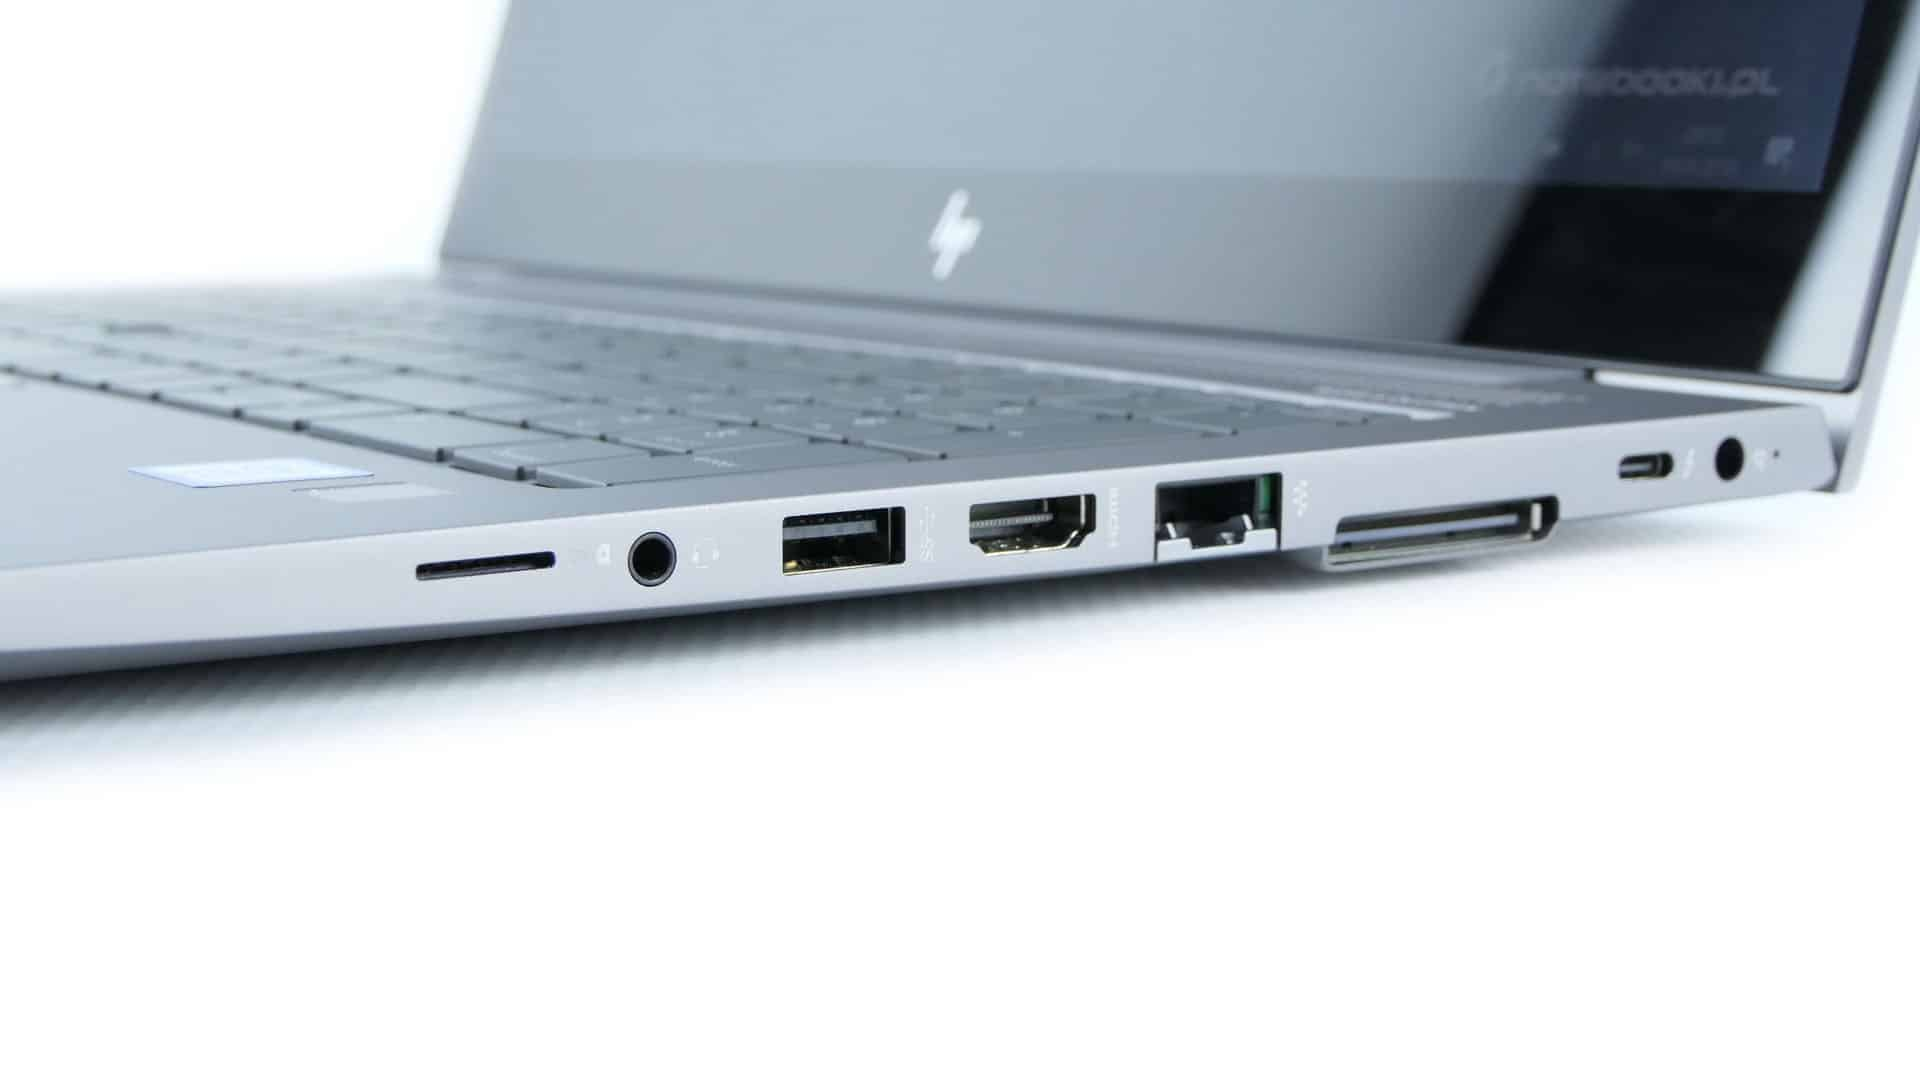 HP ZBook 15u G5 - gniazdo SIM, audio,  USB 3.0, HDMI, LAN, gniazdo dokowania, Thunderbolt 3, gniazdo zasilania